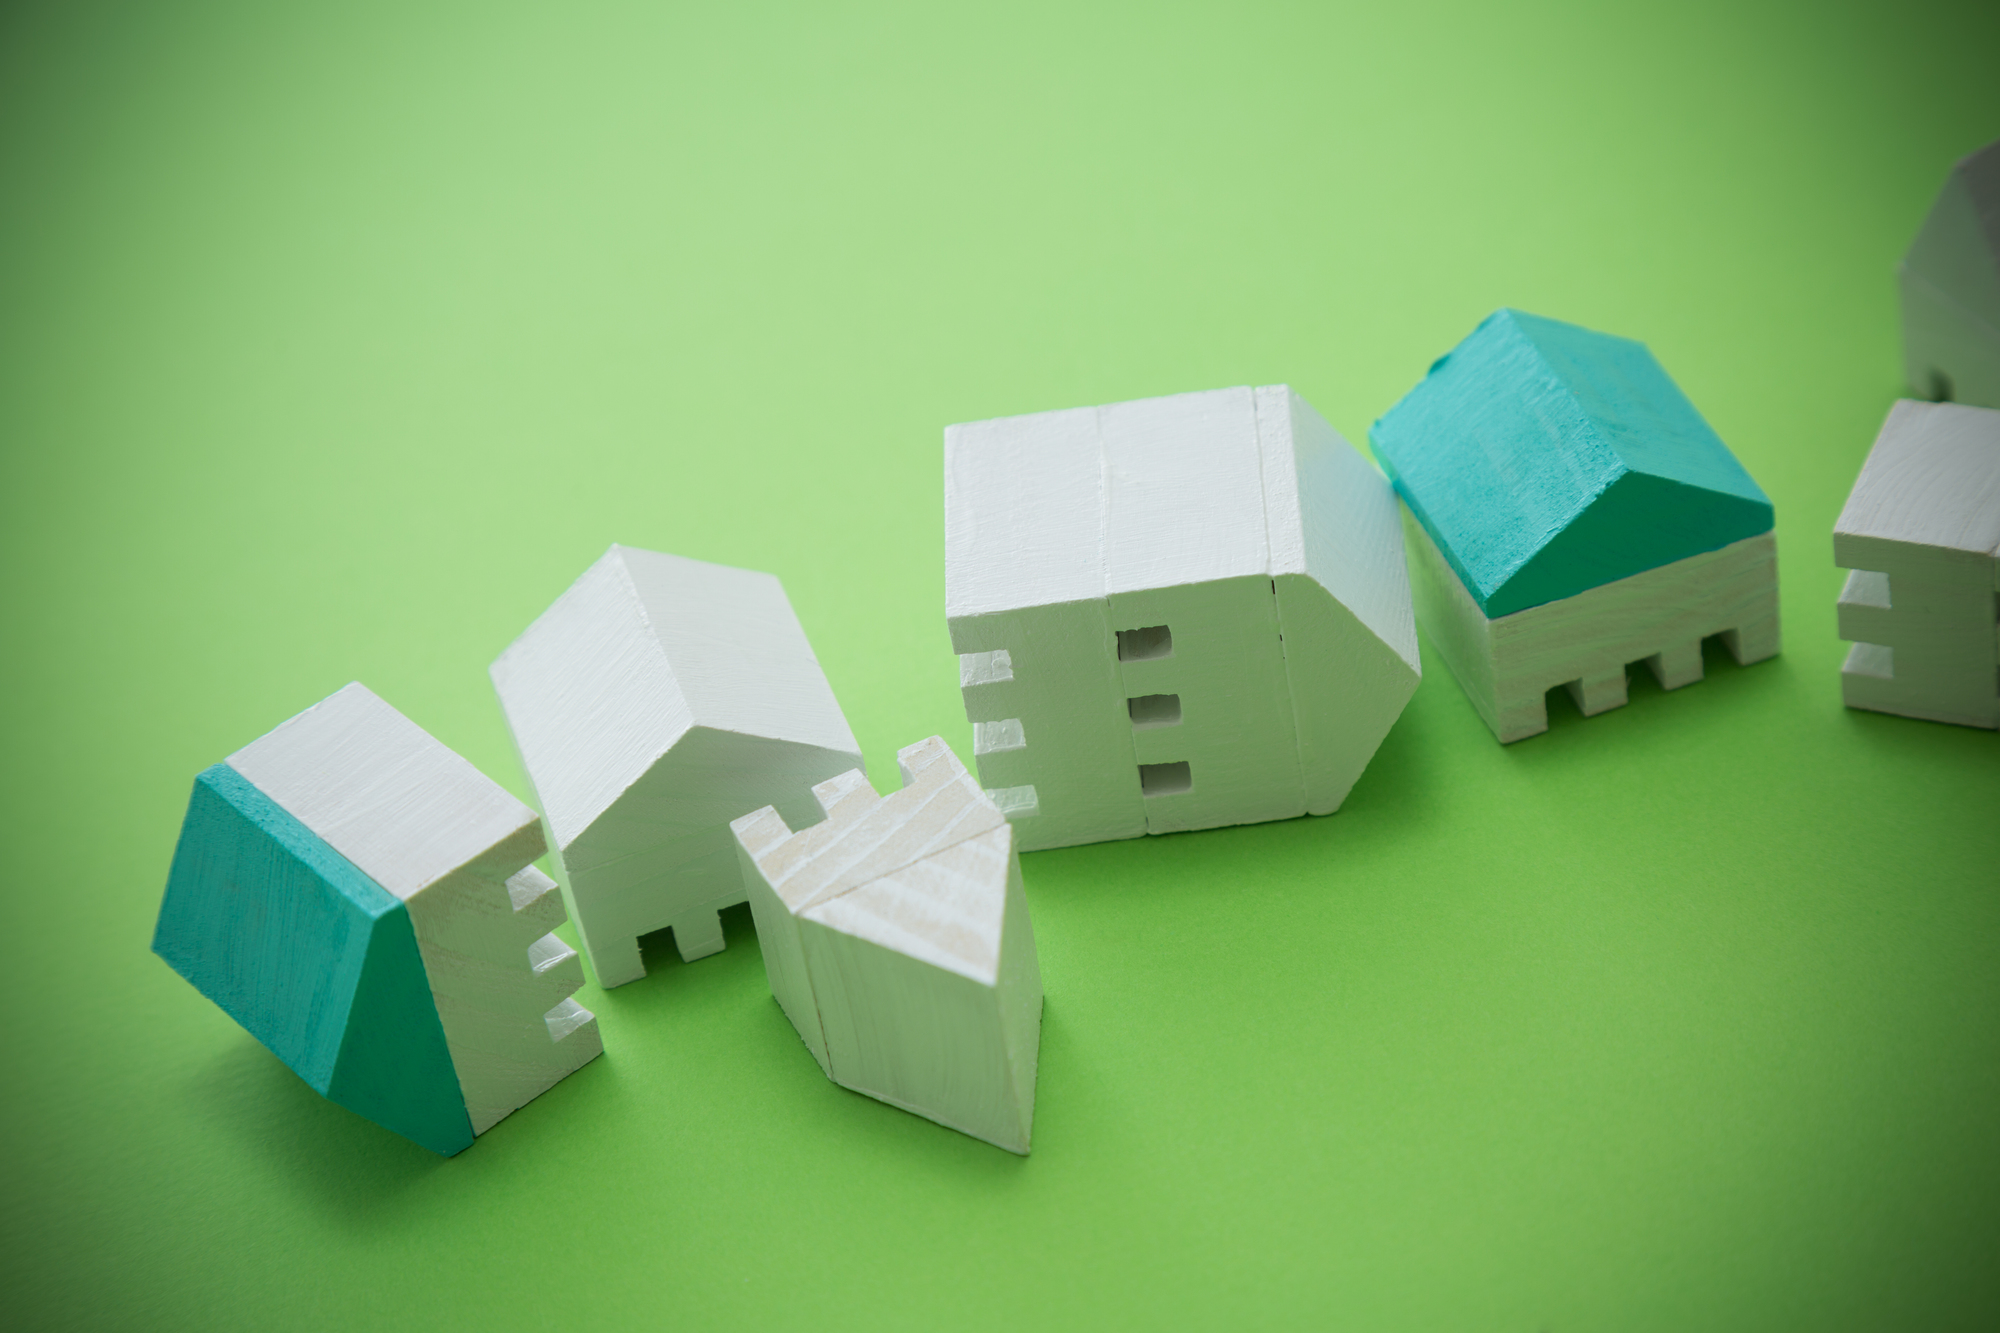 熊本地震によって建築基準法はこれからどう変わる?